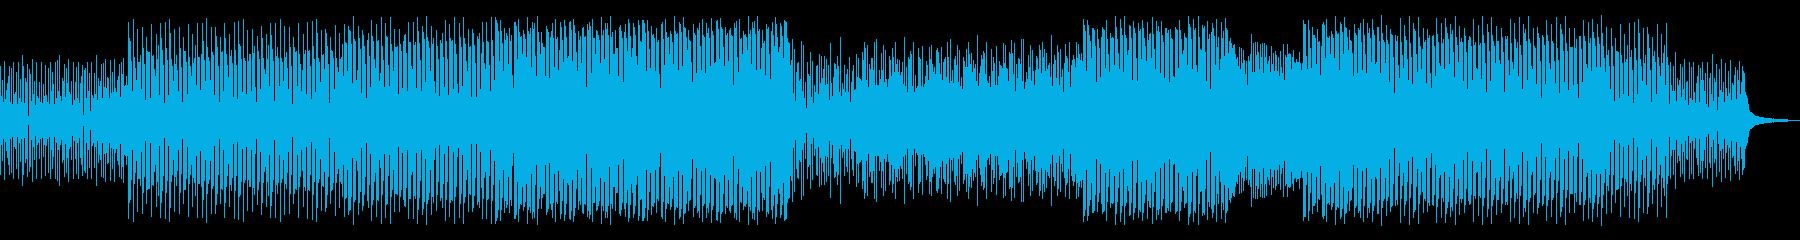 レトロな雰囲気も感じるファンクトラックの再生済みの波形